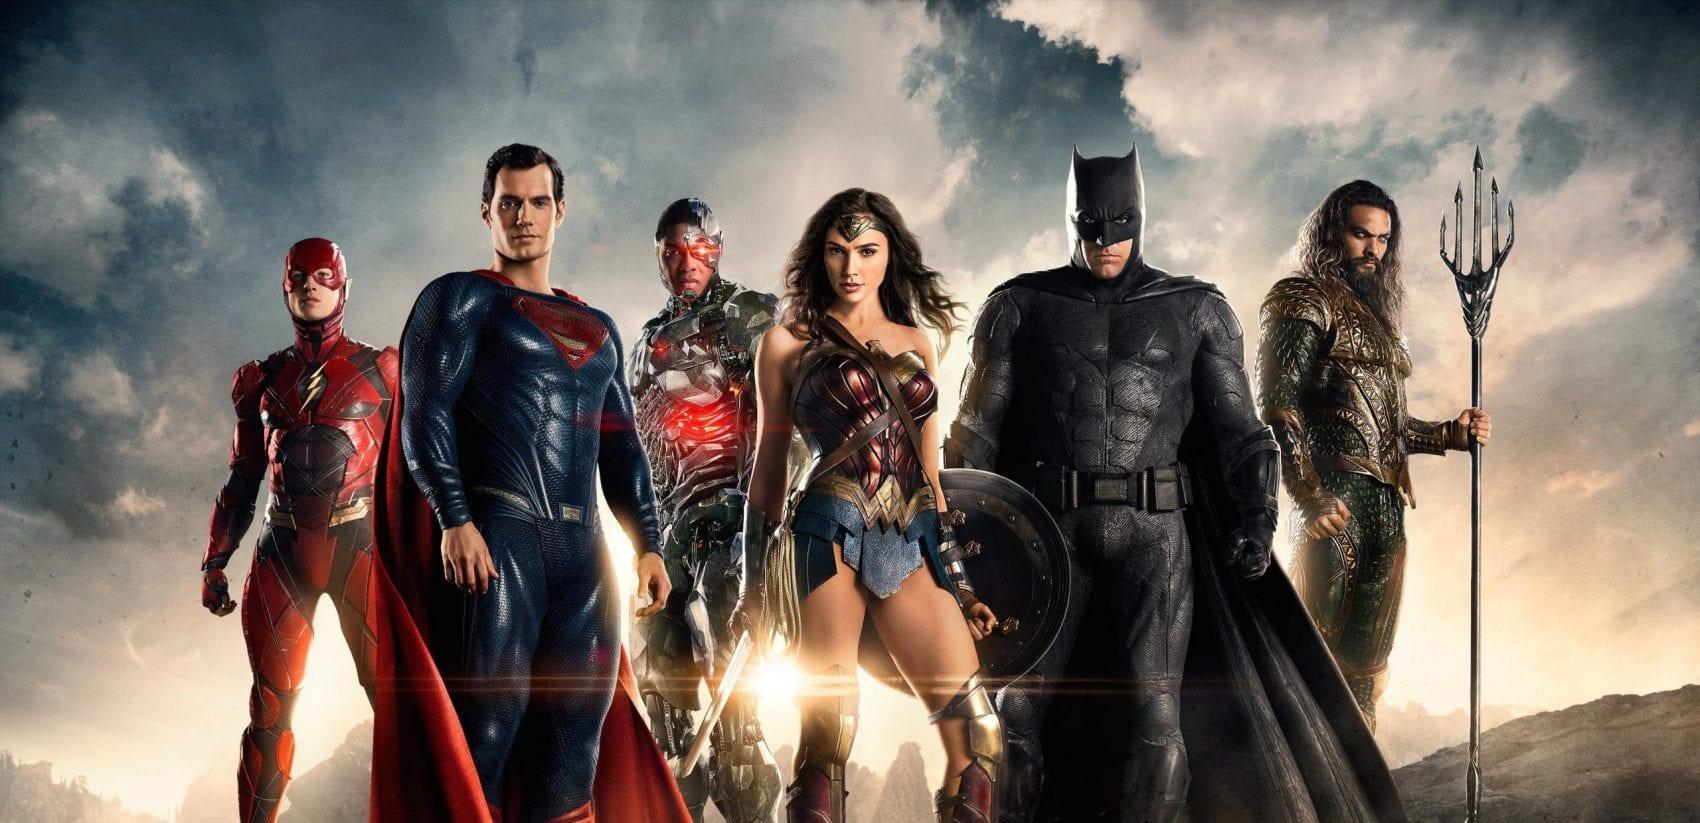 TRAILER – Justice League